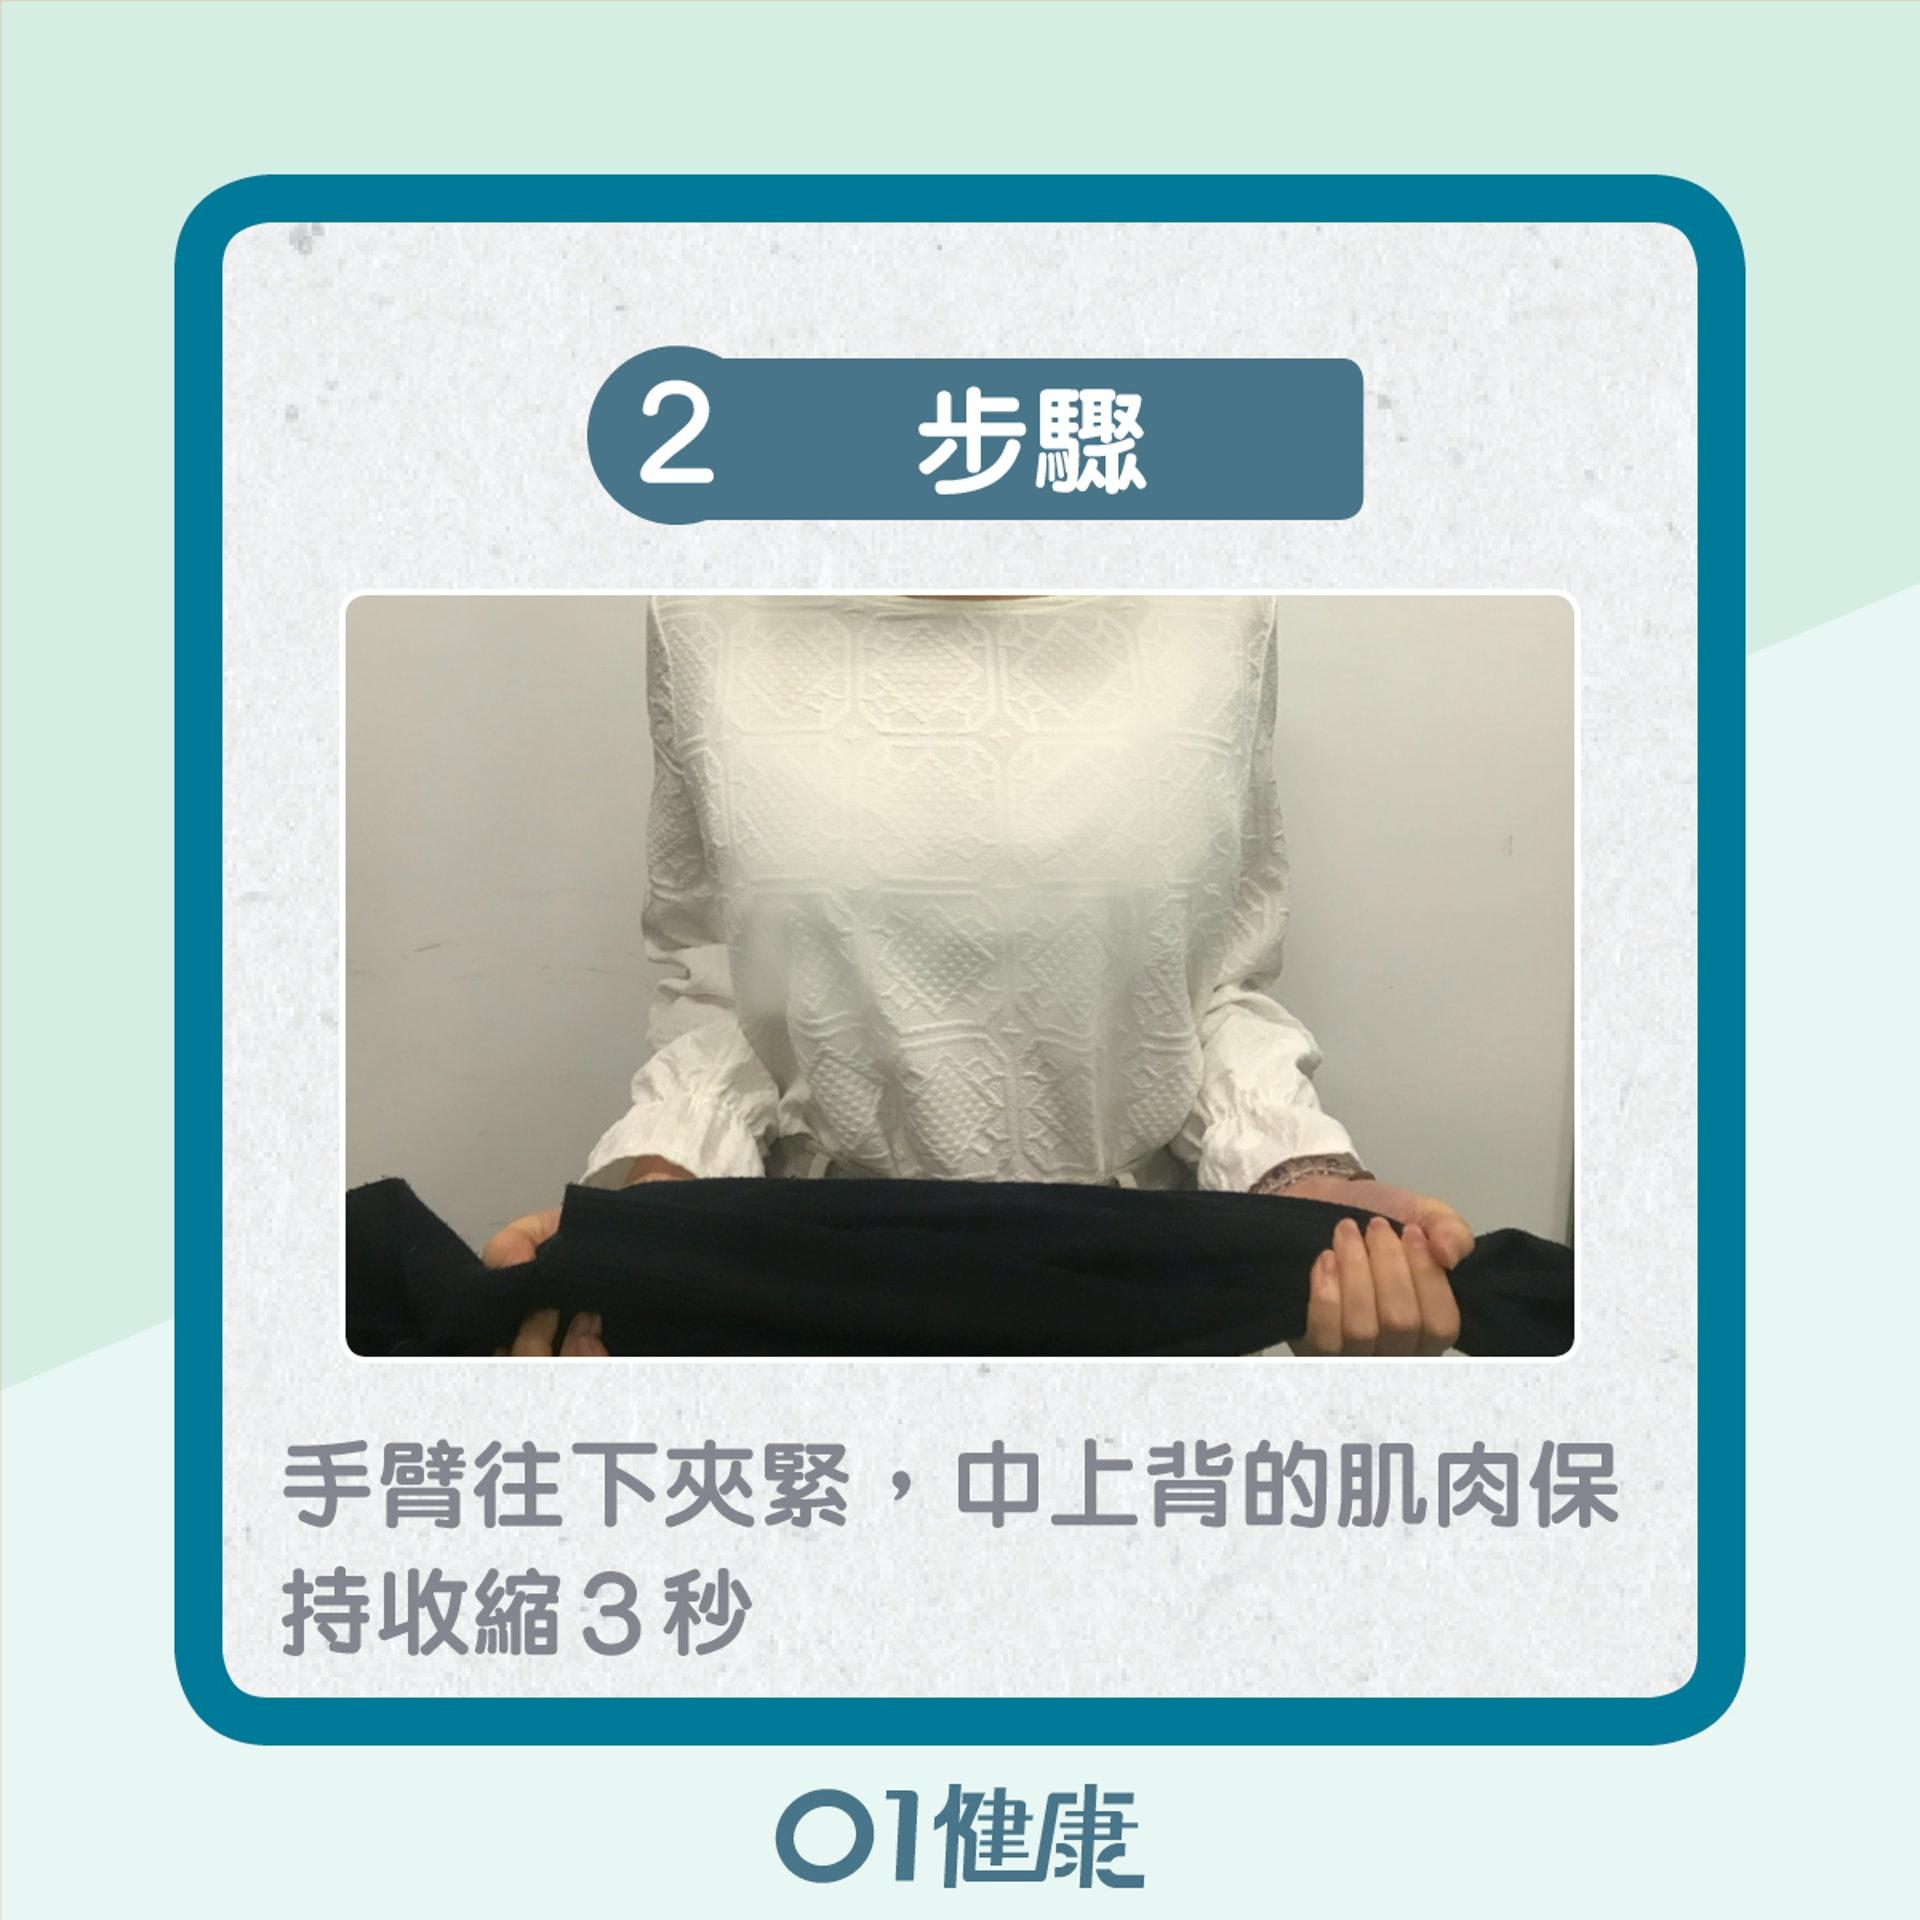 動作3(01製圖)